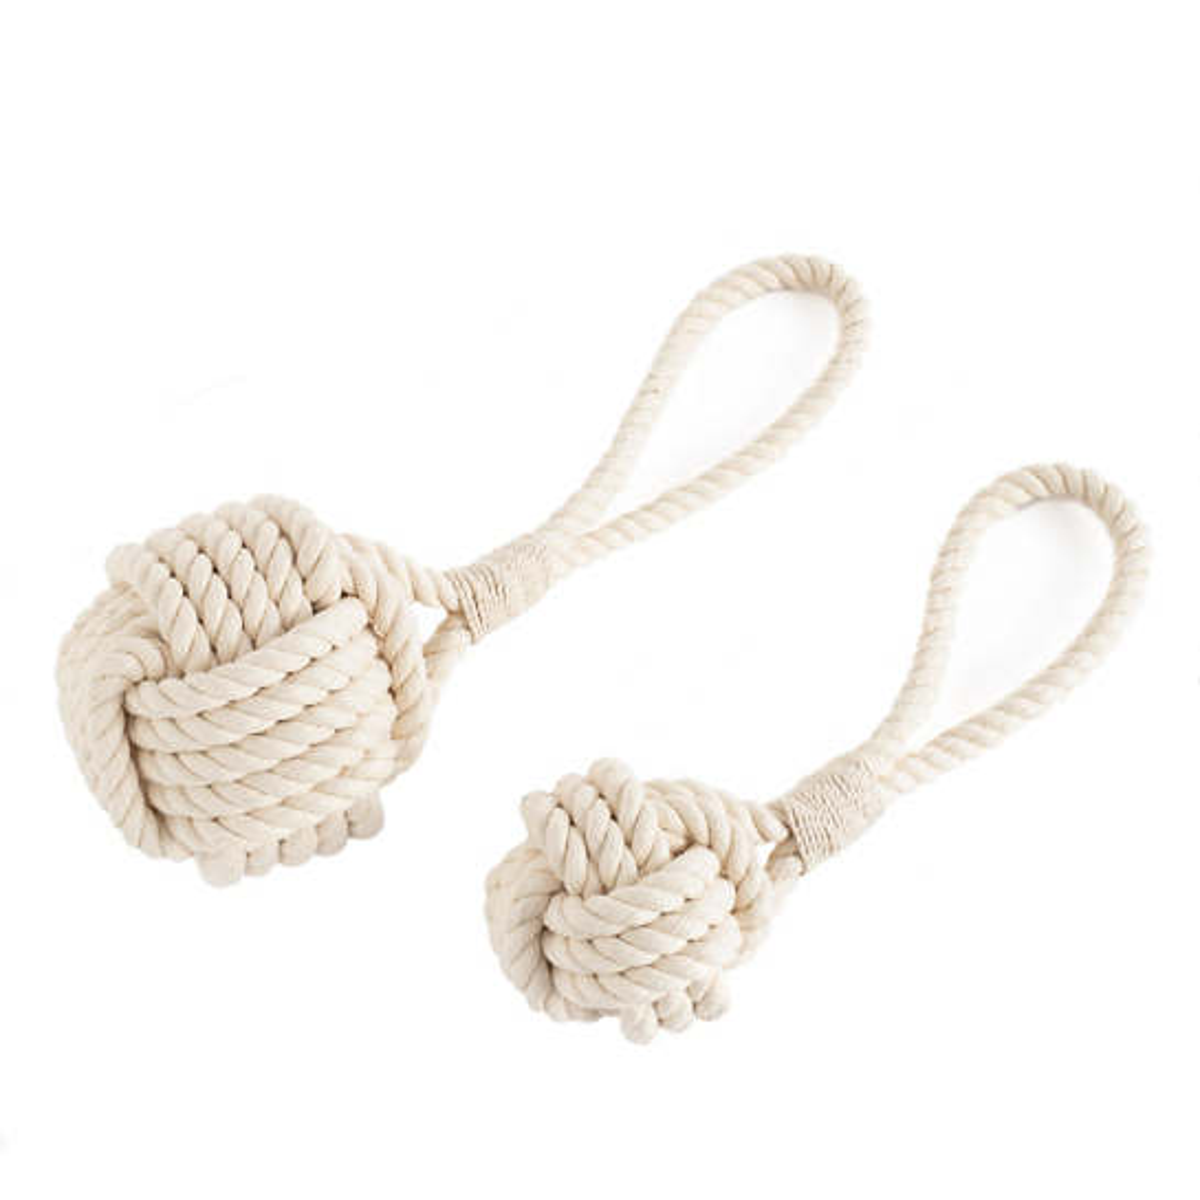 White Rope Dog Toy